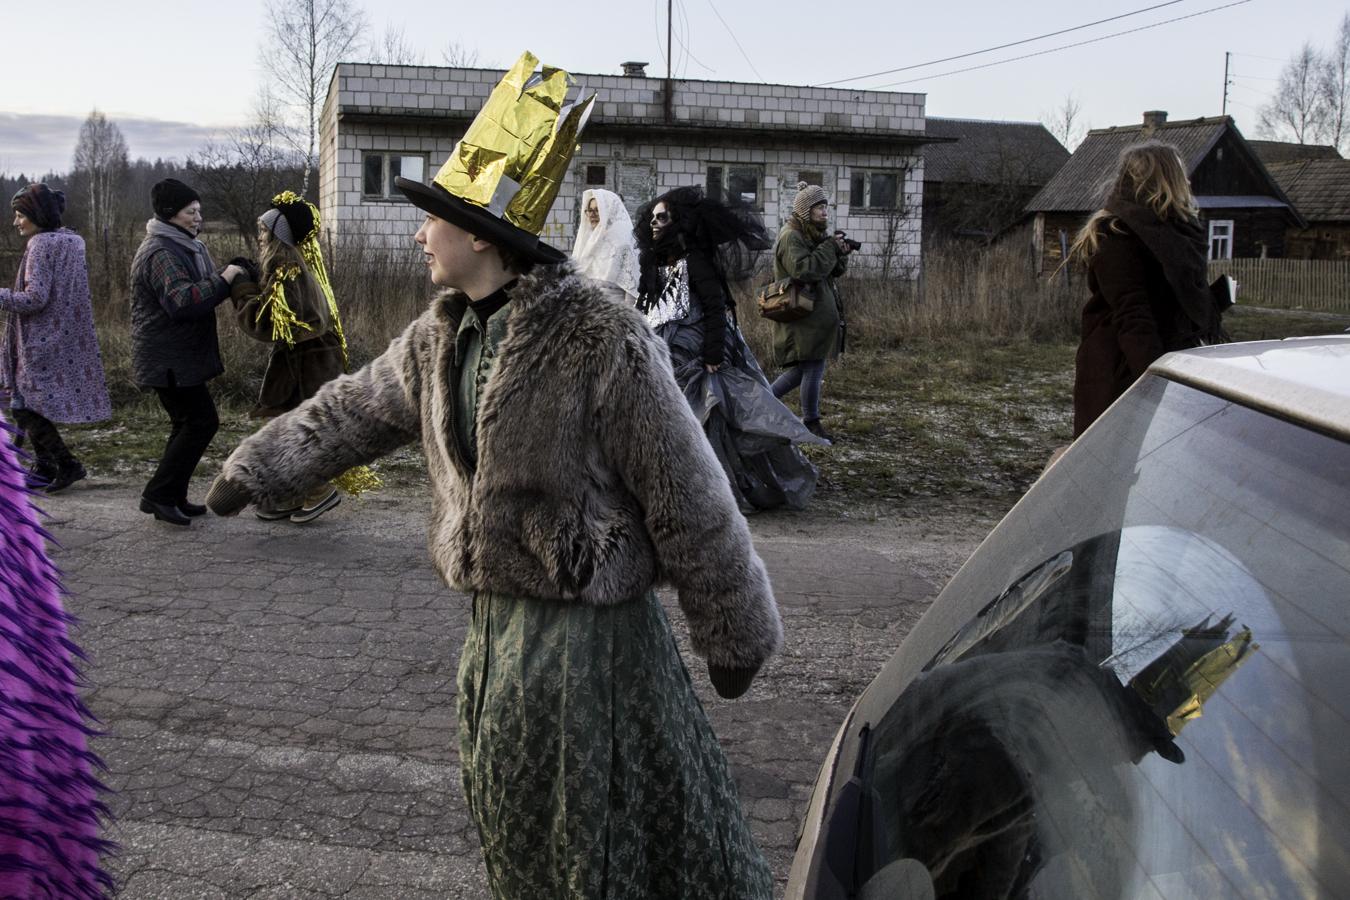 Tańce i muzyka na ulicy w Teremiskach z miejscowymi, którzy wysiedli z samochodu.